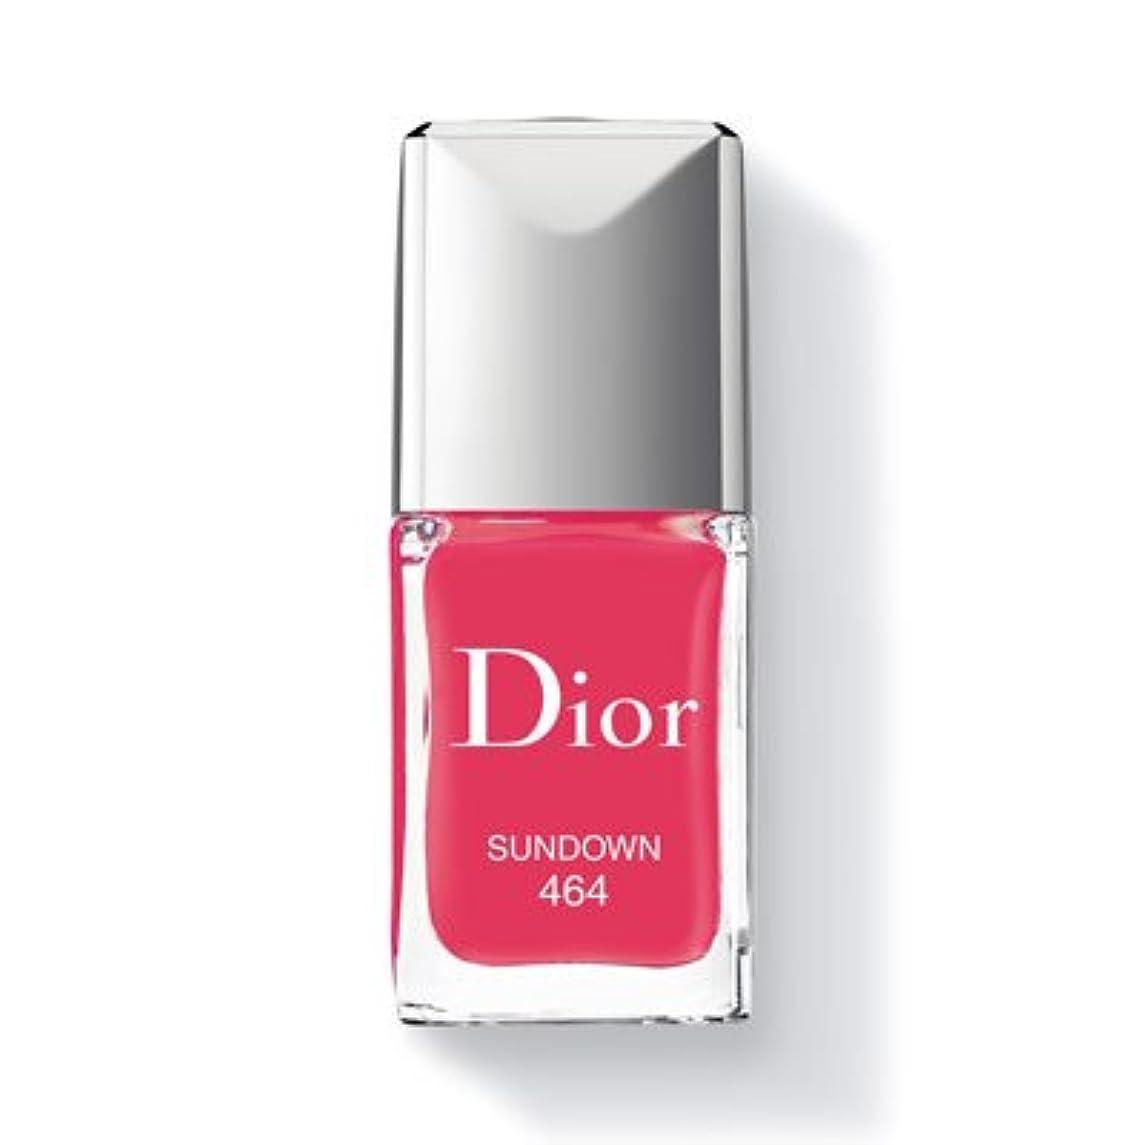 へこみ最後のタバコChristian Dior クリスチャン ディオール ディオール ヴェルニ #464 SUNDOWN 10ml [並行輸入品]